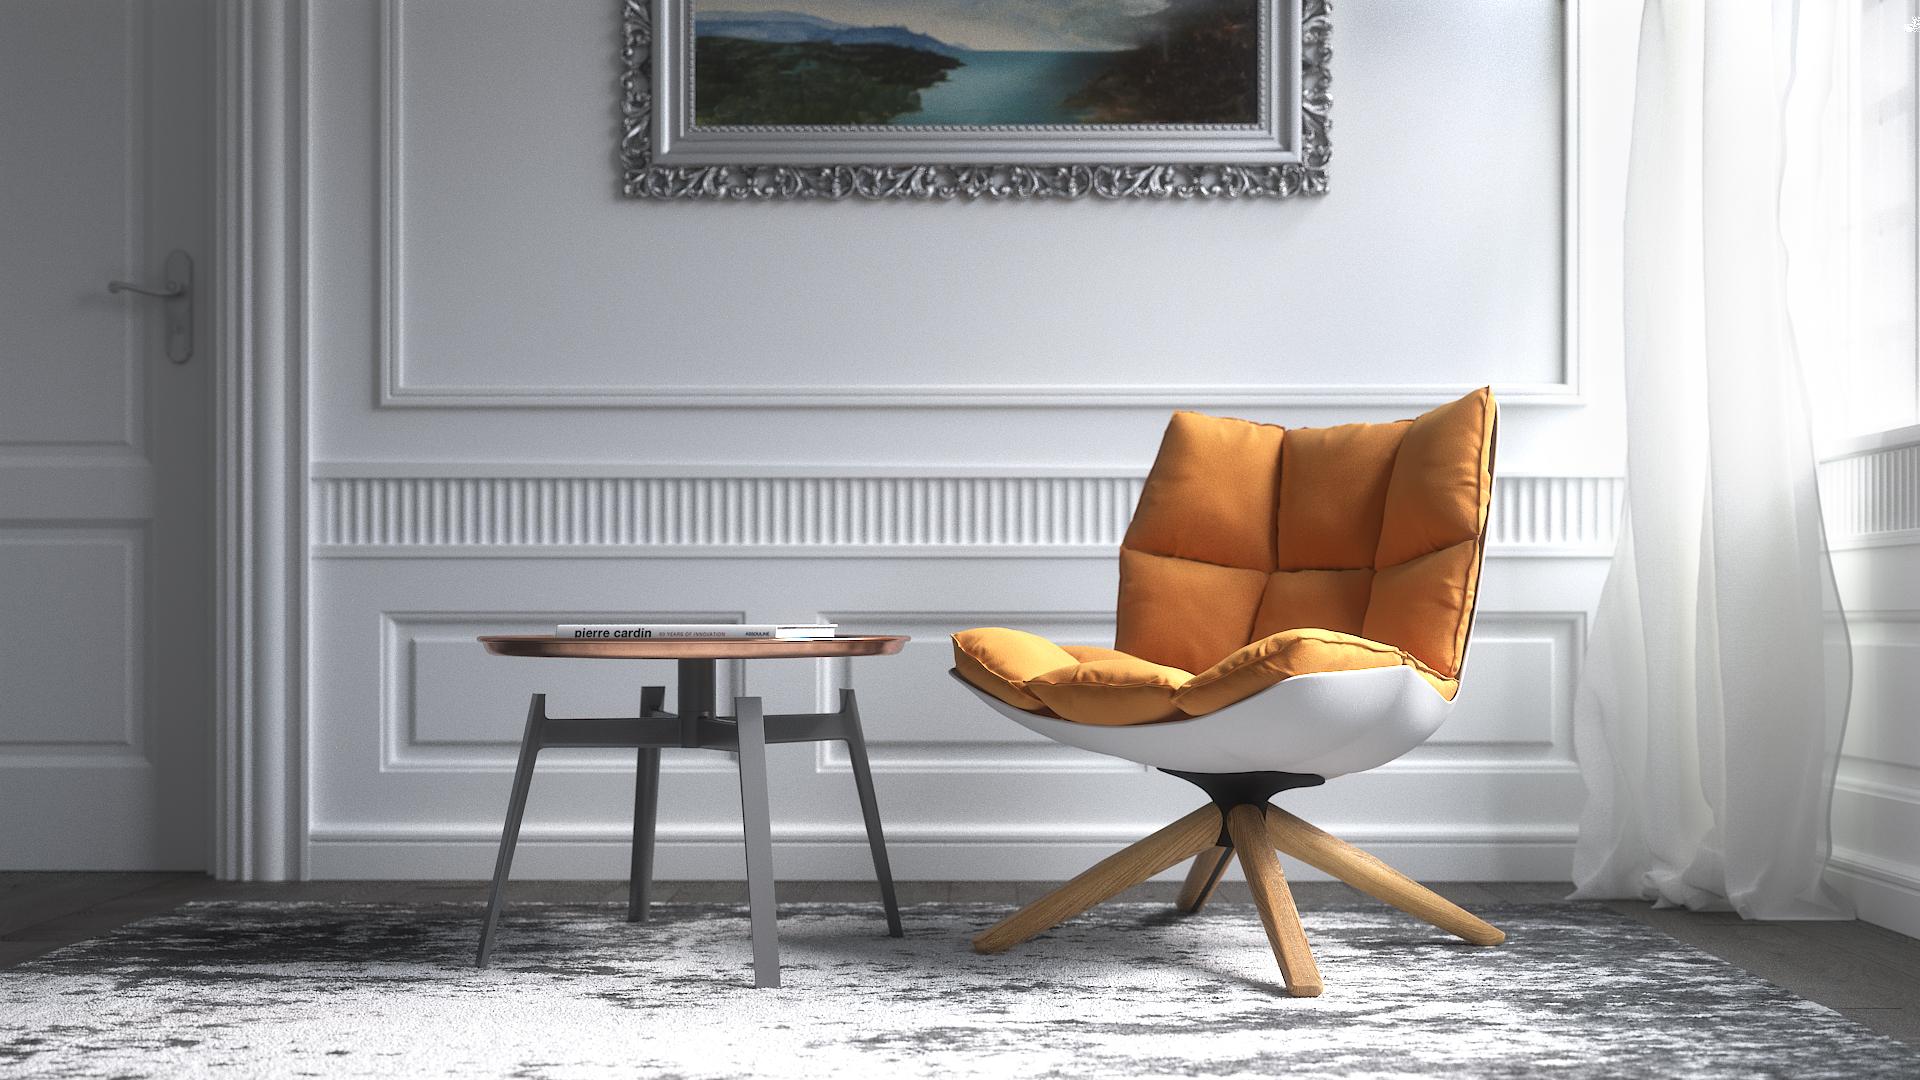 vionin architectural visualization. Black Bedroom Furniture Sets. Home Design Ideas